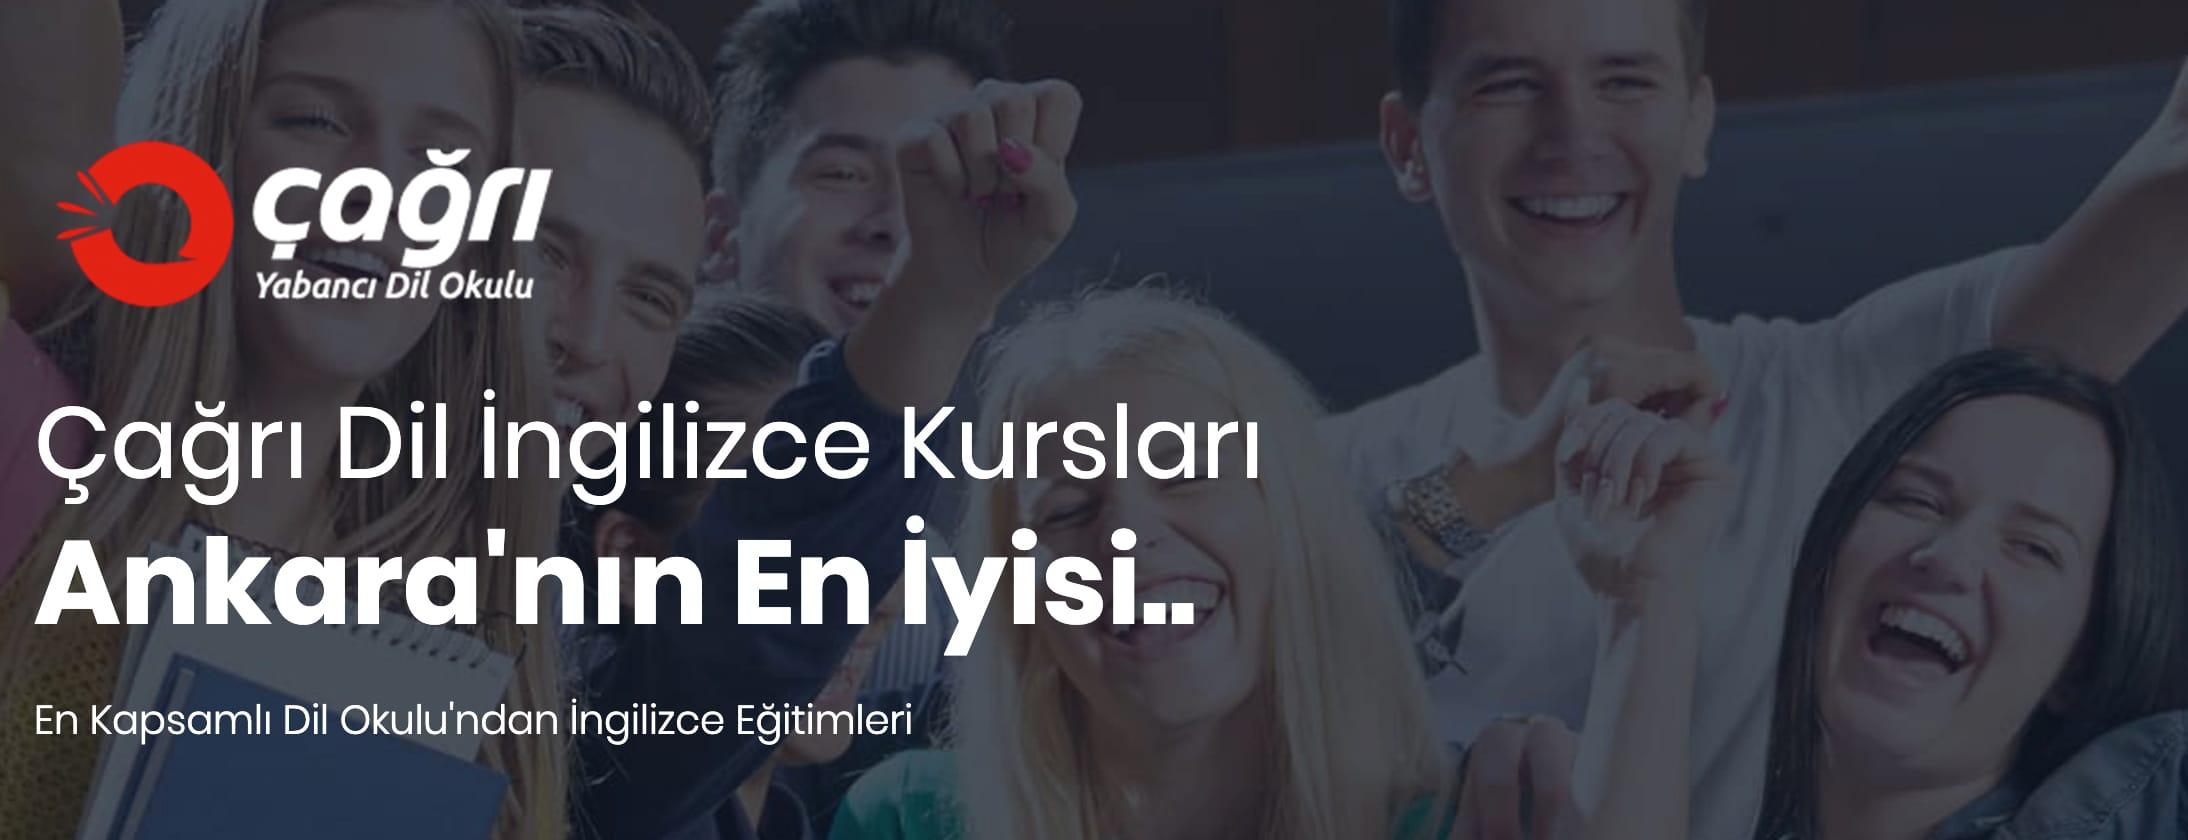 Ankara İngilizce Kursları Fiyatları 2019-2020 Eylül Dönemi | ankaradaki ingilizce kursları ve ücretleri | ankara ingilizce dil kursları fiyatları |